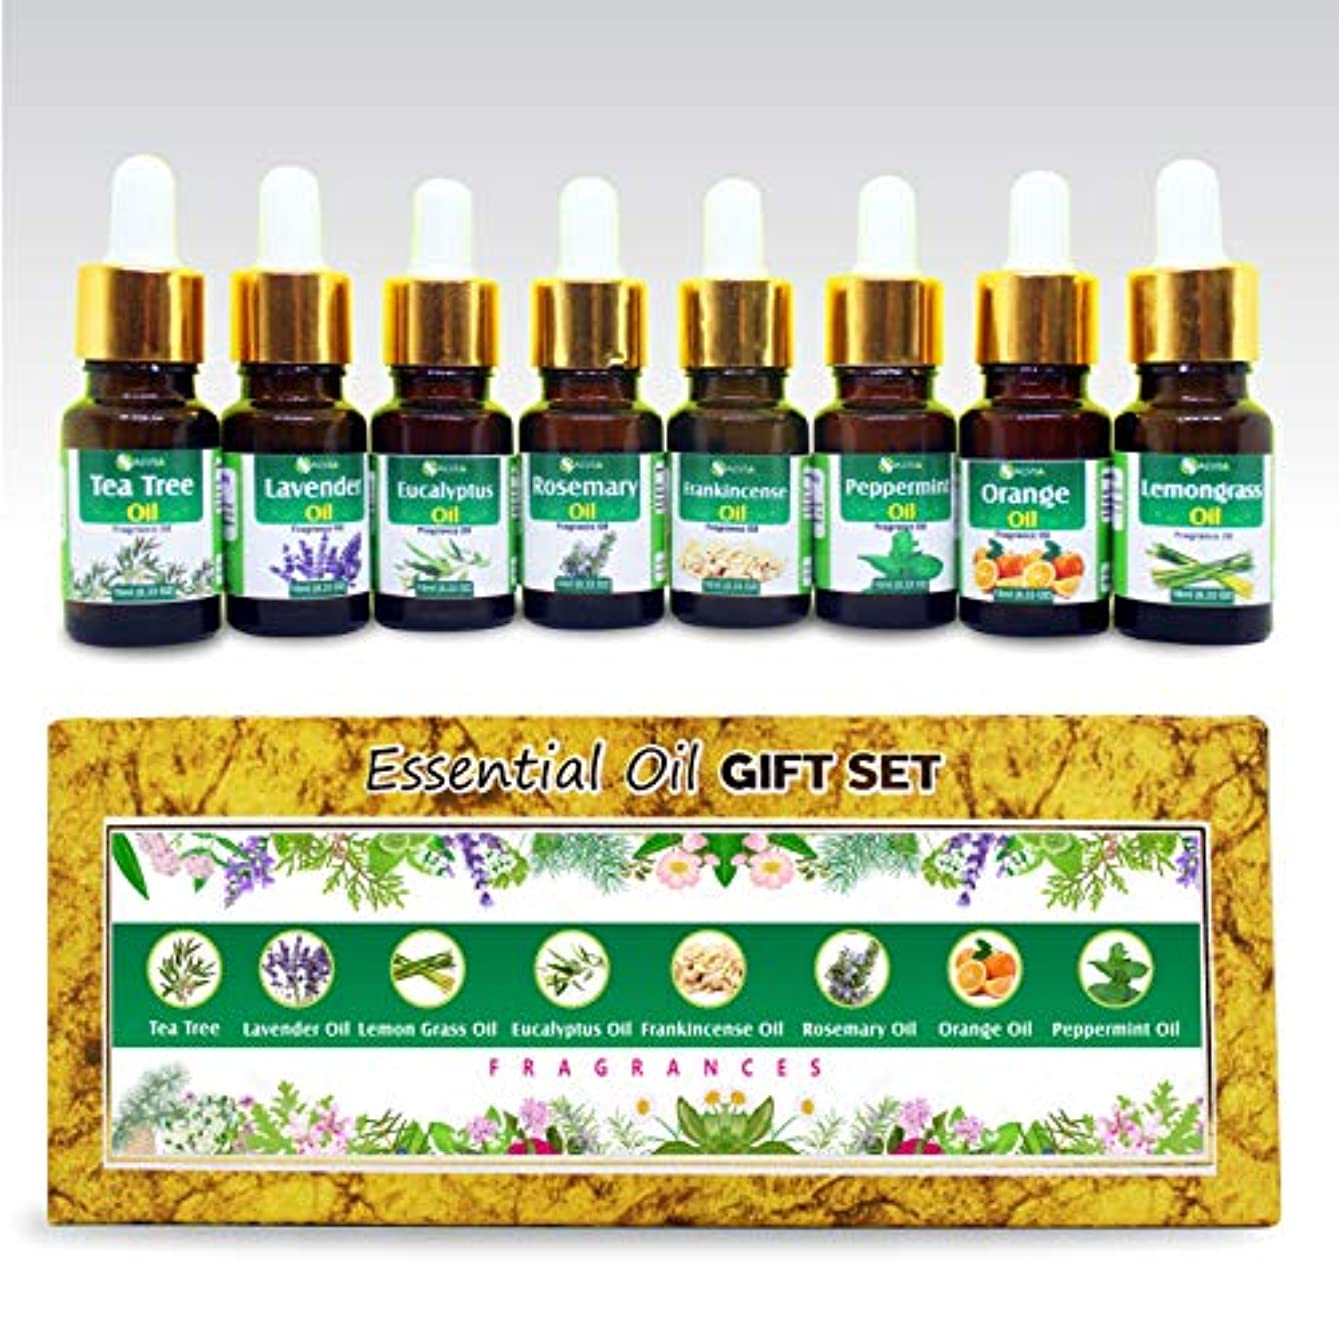 大混乱突然の前進Aromatherapy Fragrance Oils - Pack of 8 Essential Oils 100% Natural Therapeutic Oils - 10 ML each (Tea Tree, Lavender...